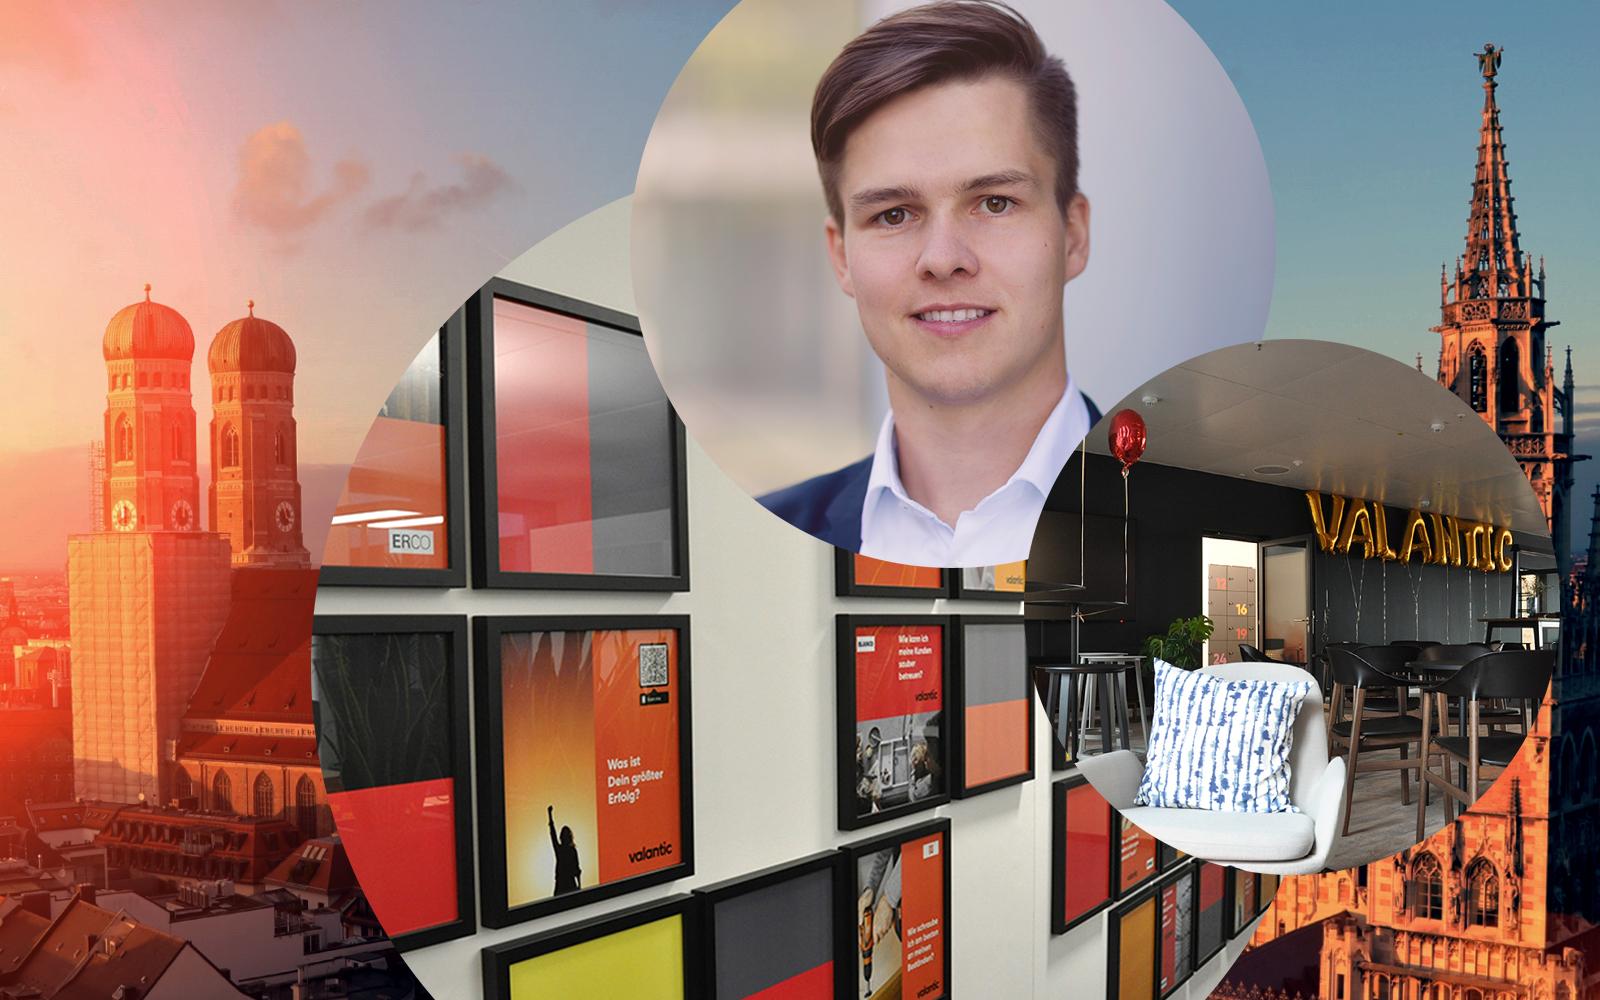 Bild von Christoph Schnitzenbaumer, Senior Consultant SAP TM & EWM bei valantic Supply Chain Excellence, im Hintergrund die Büroräume der valantic SCE in München sowie die Stadtansicht von München